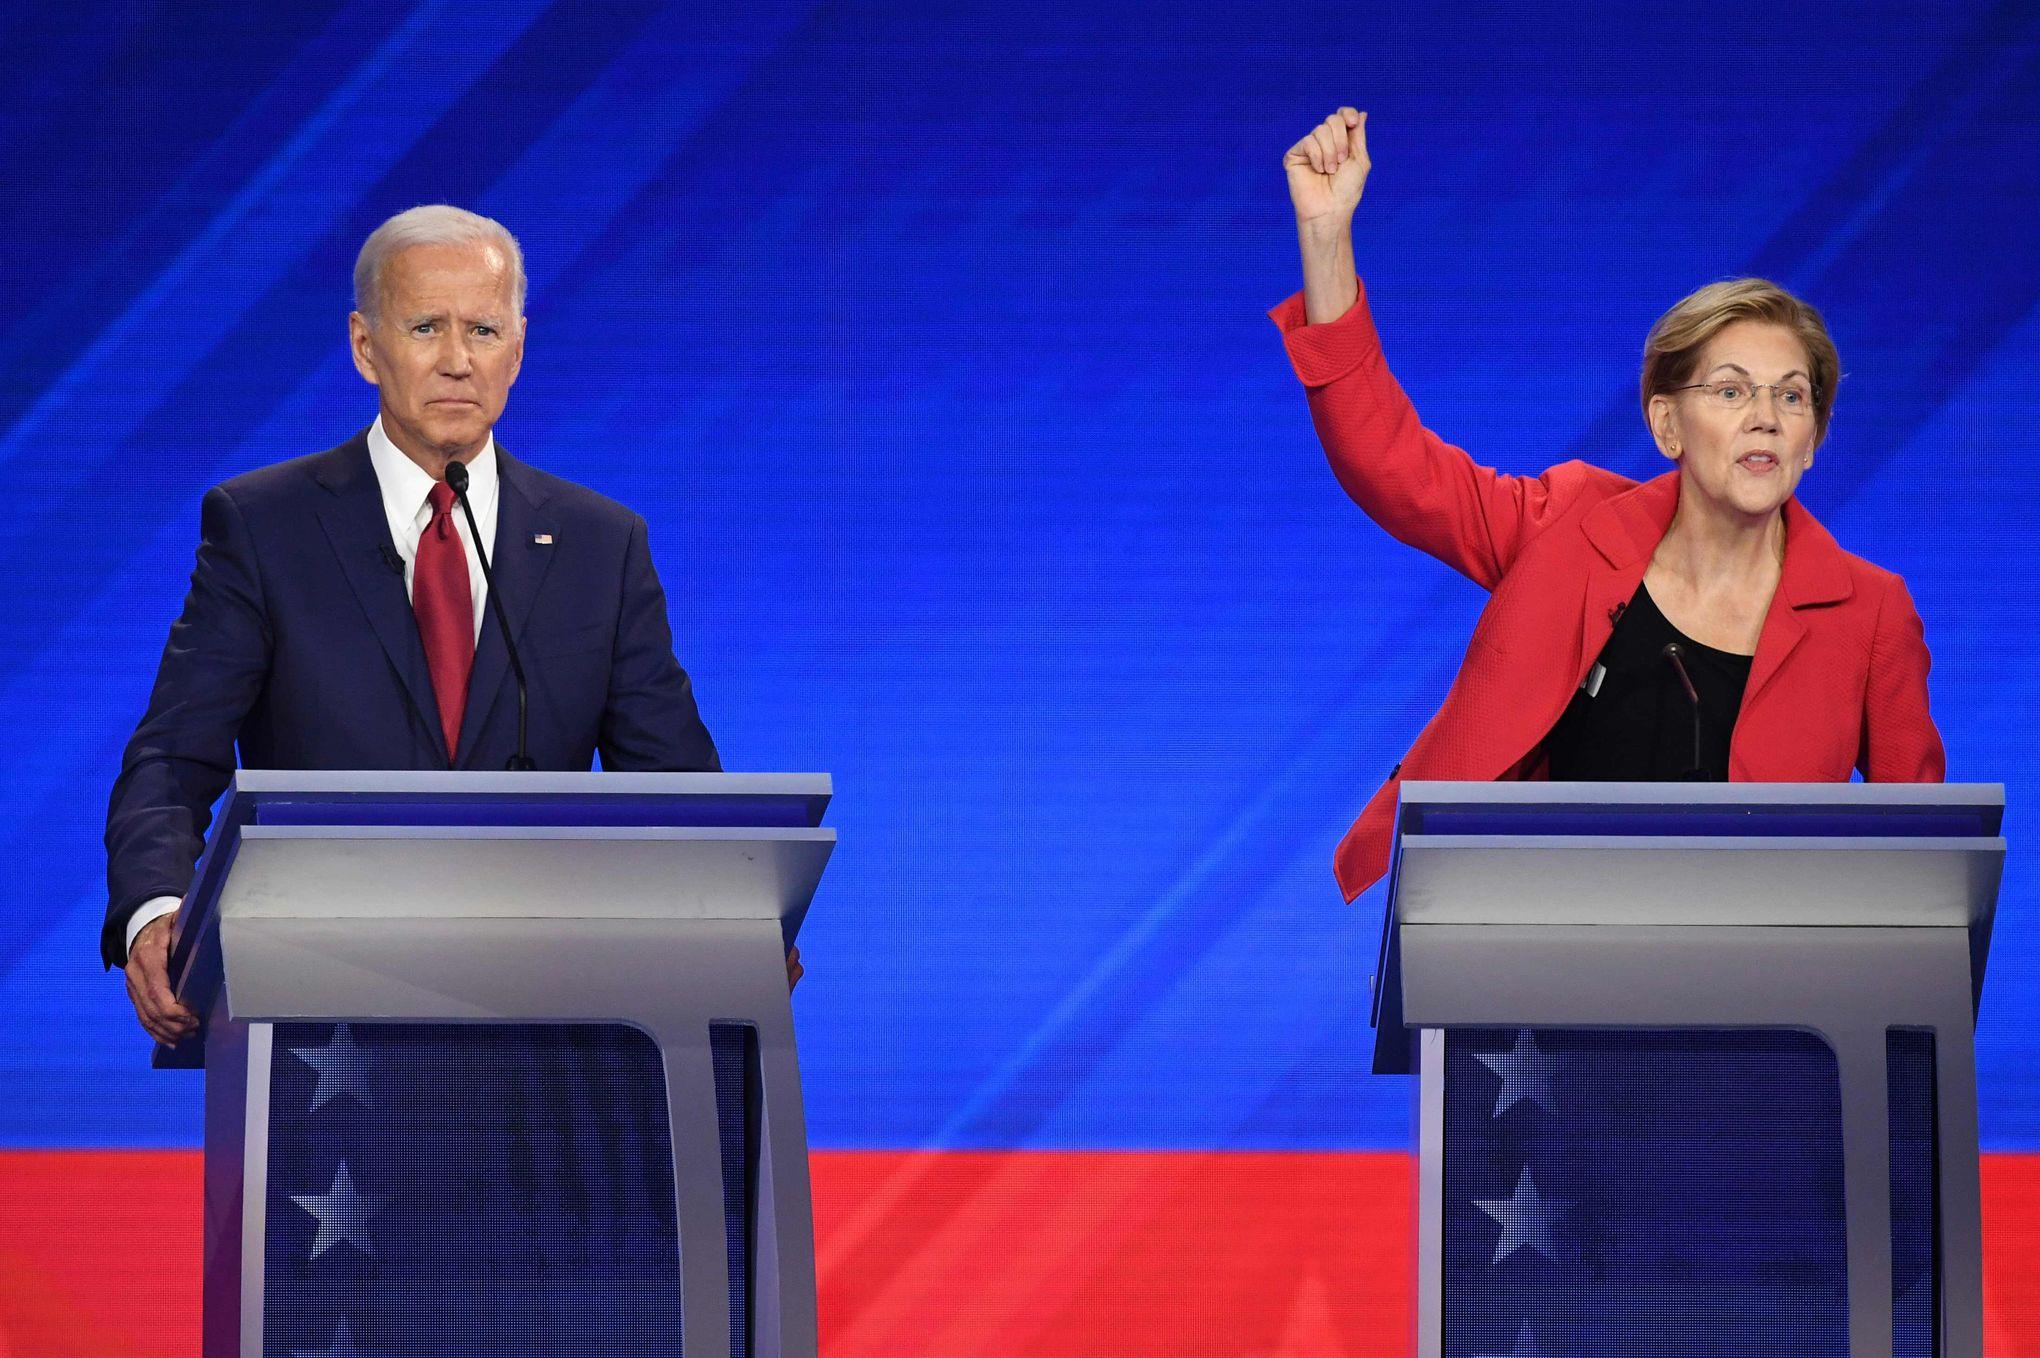 En 2020, quel candidat démocrate aurait le plus de chances face à Trump?